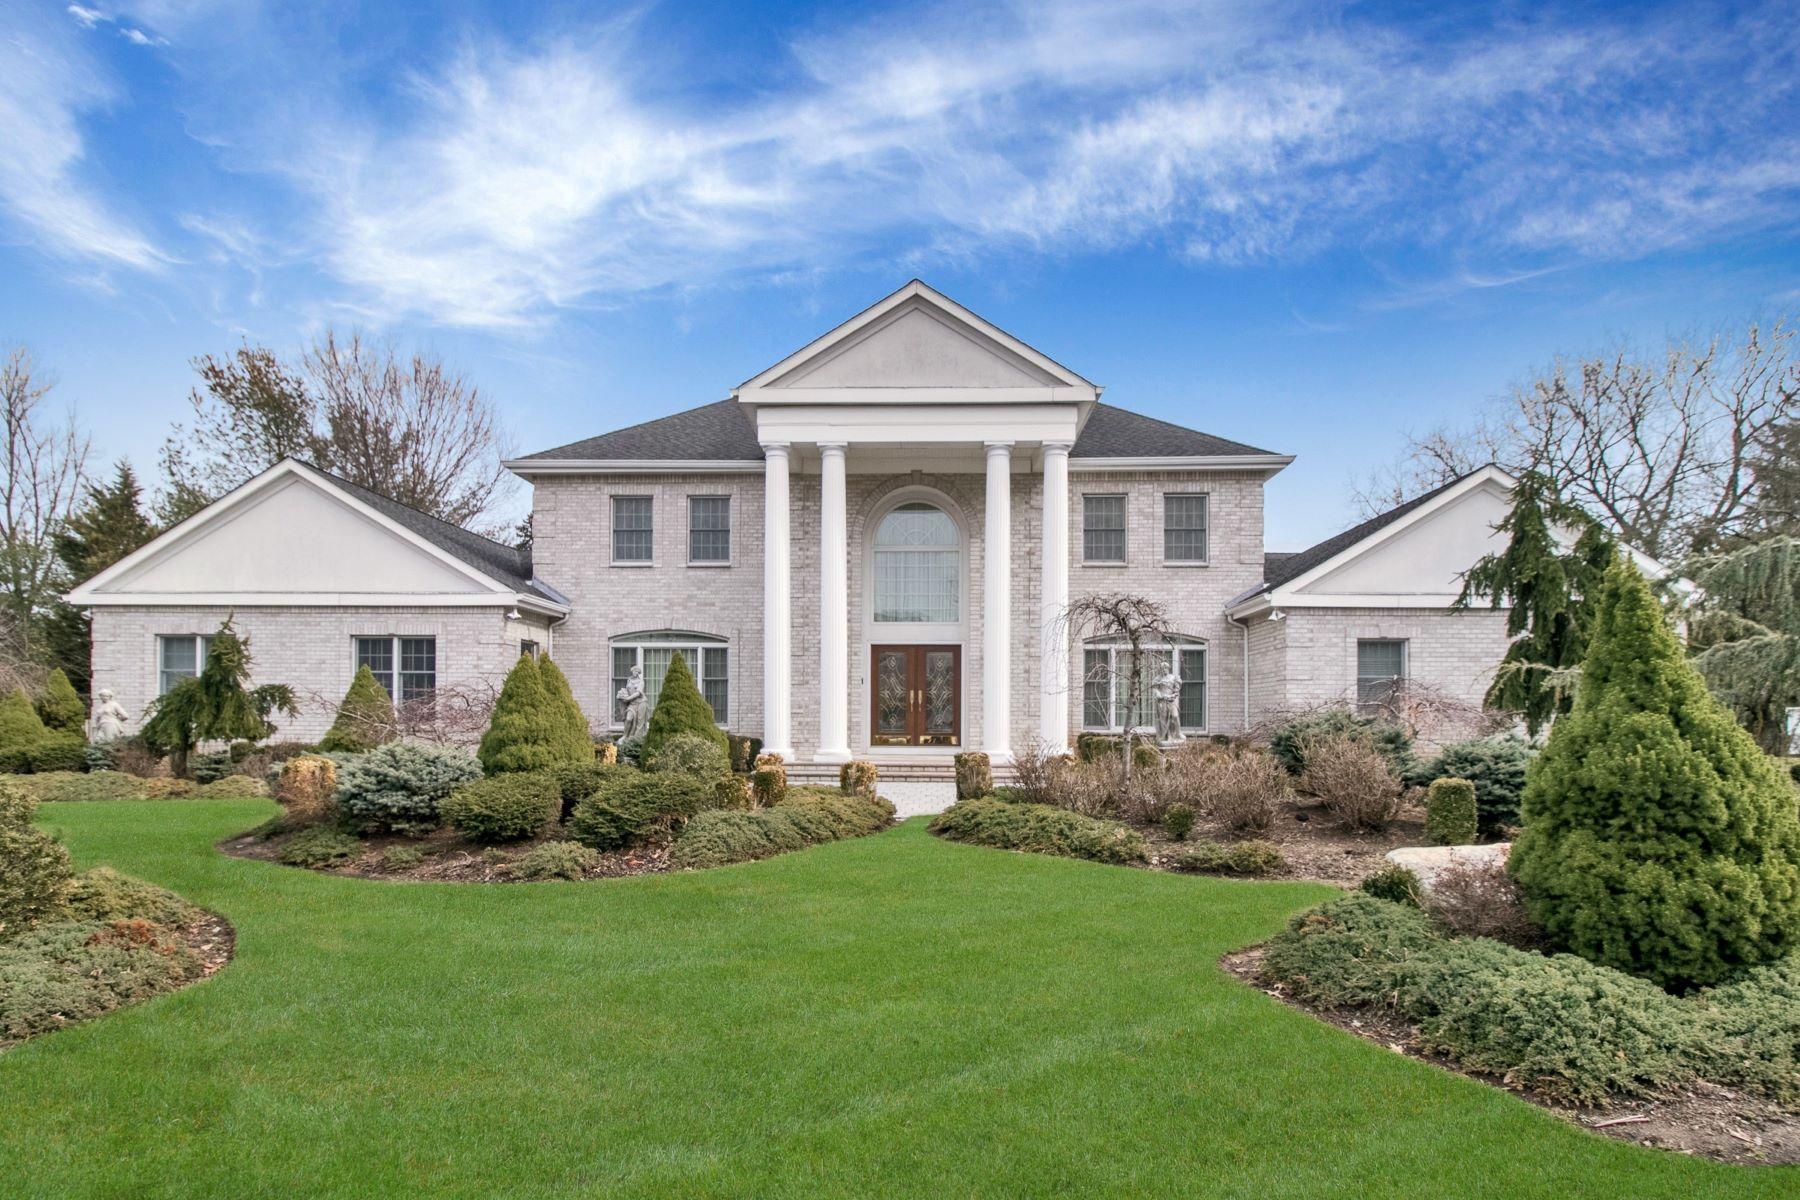 Maison unifamiliale pour l Vente à Custom Built Colonial 2 Amelia Ct, Harrington Park, New Jersey 07640 États-Unis